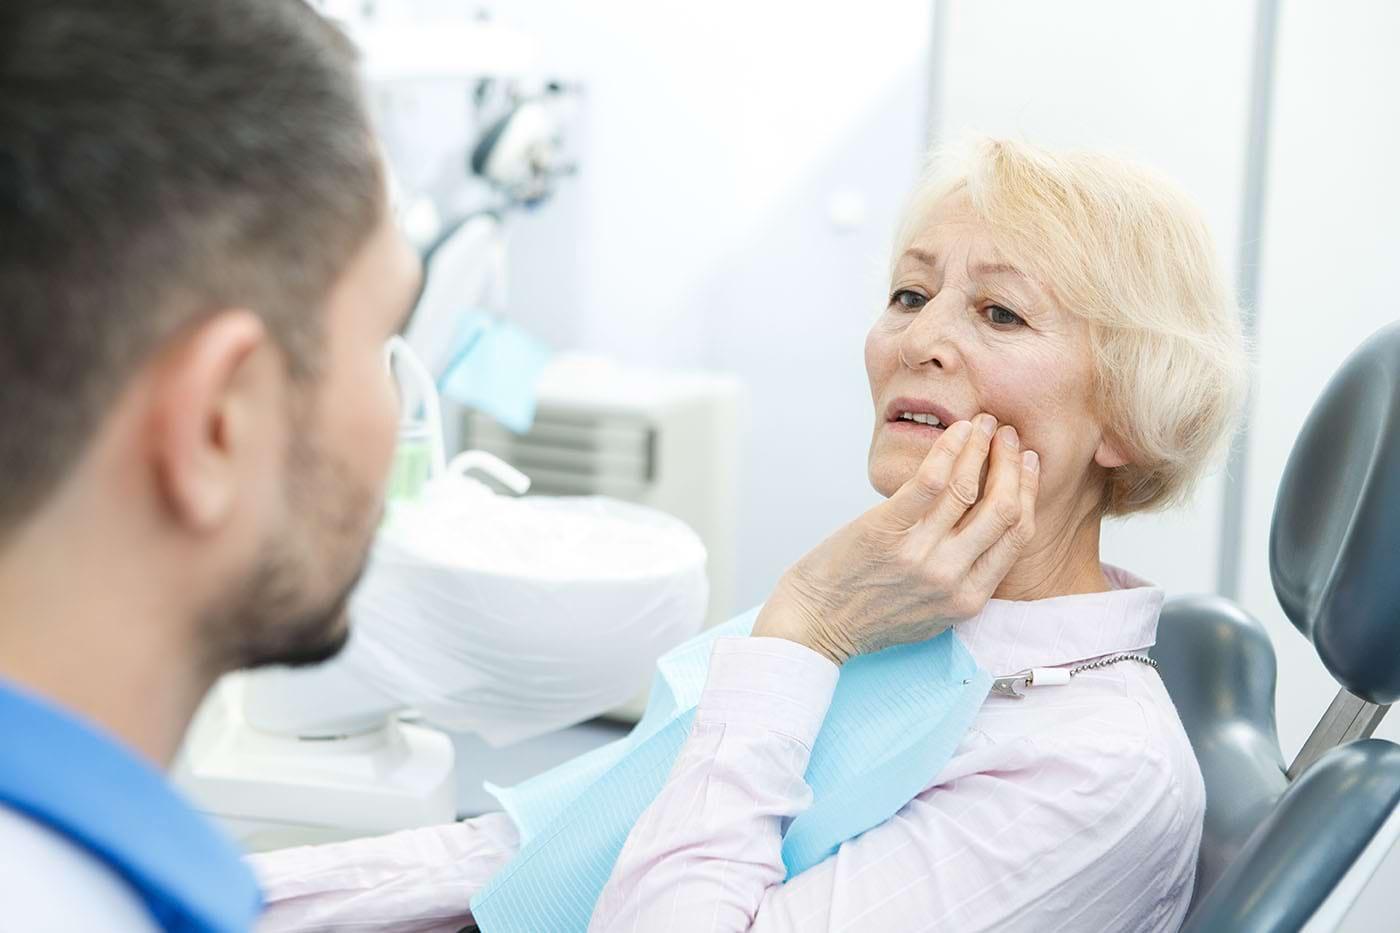 Aftele provocate de proteza dentară: cum le gestionezi